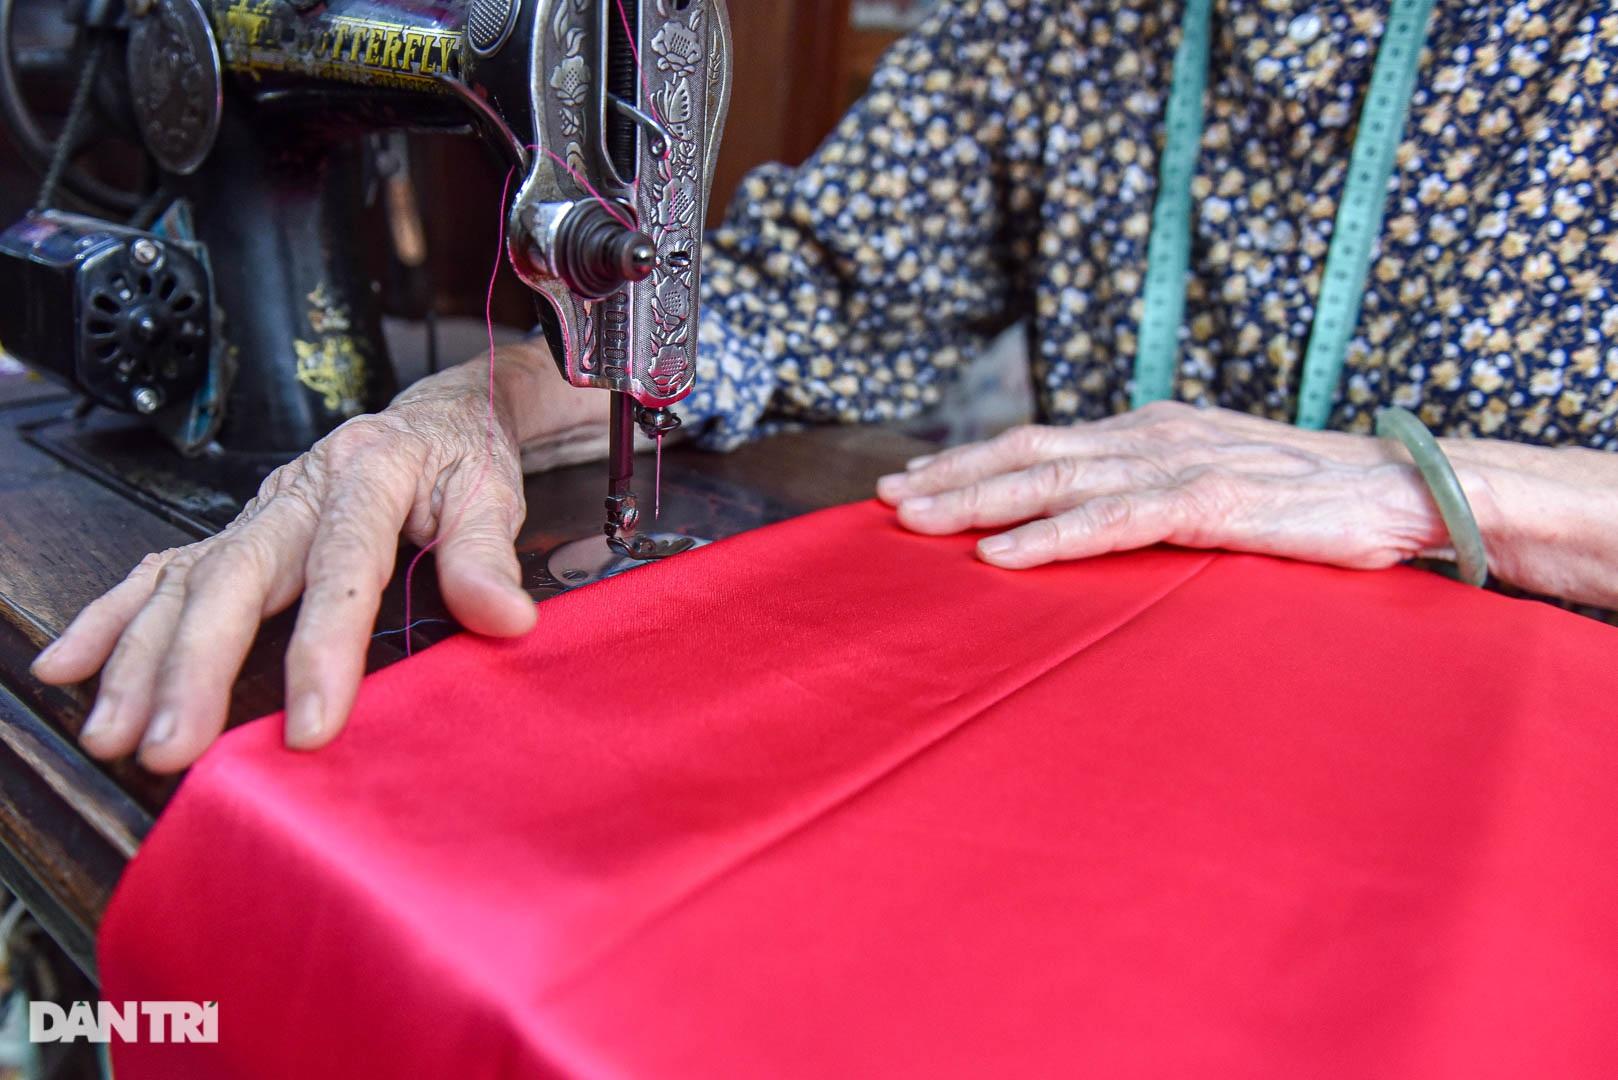 Tiệm áo dài 4 đời được trả 400 cây vàng mà không bán của cụ bà 81 tuổi - 5